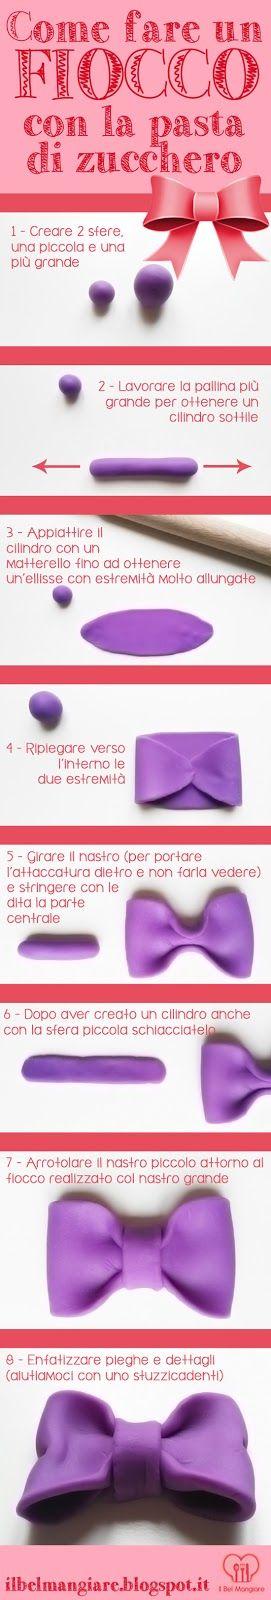 #howto Il Bel Mangiare: Creare un fiocco con la pasta di zucchero - tutorial